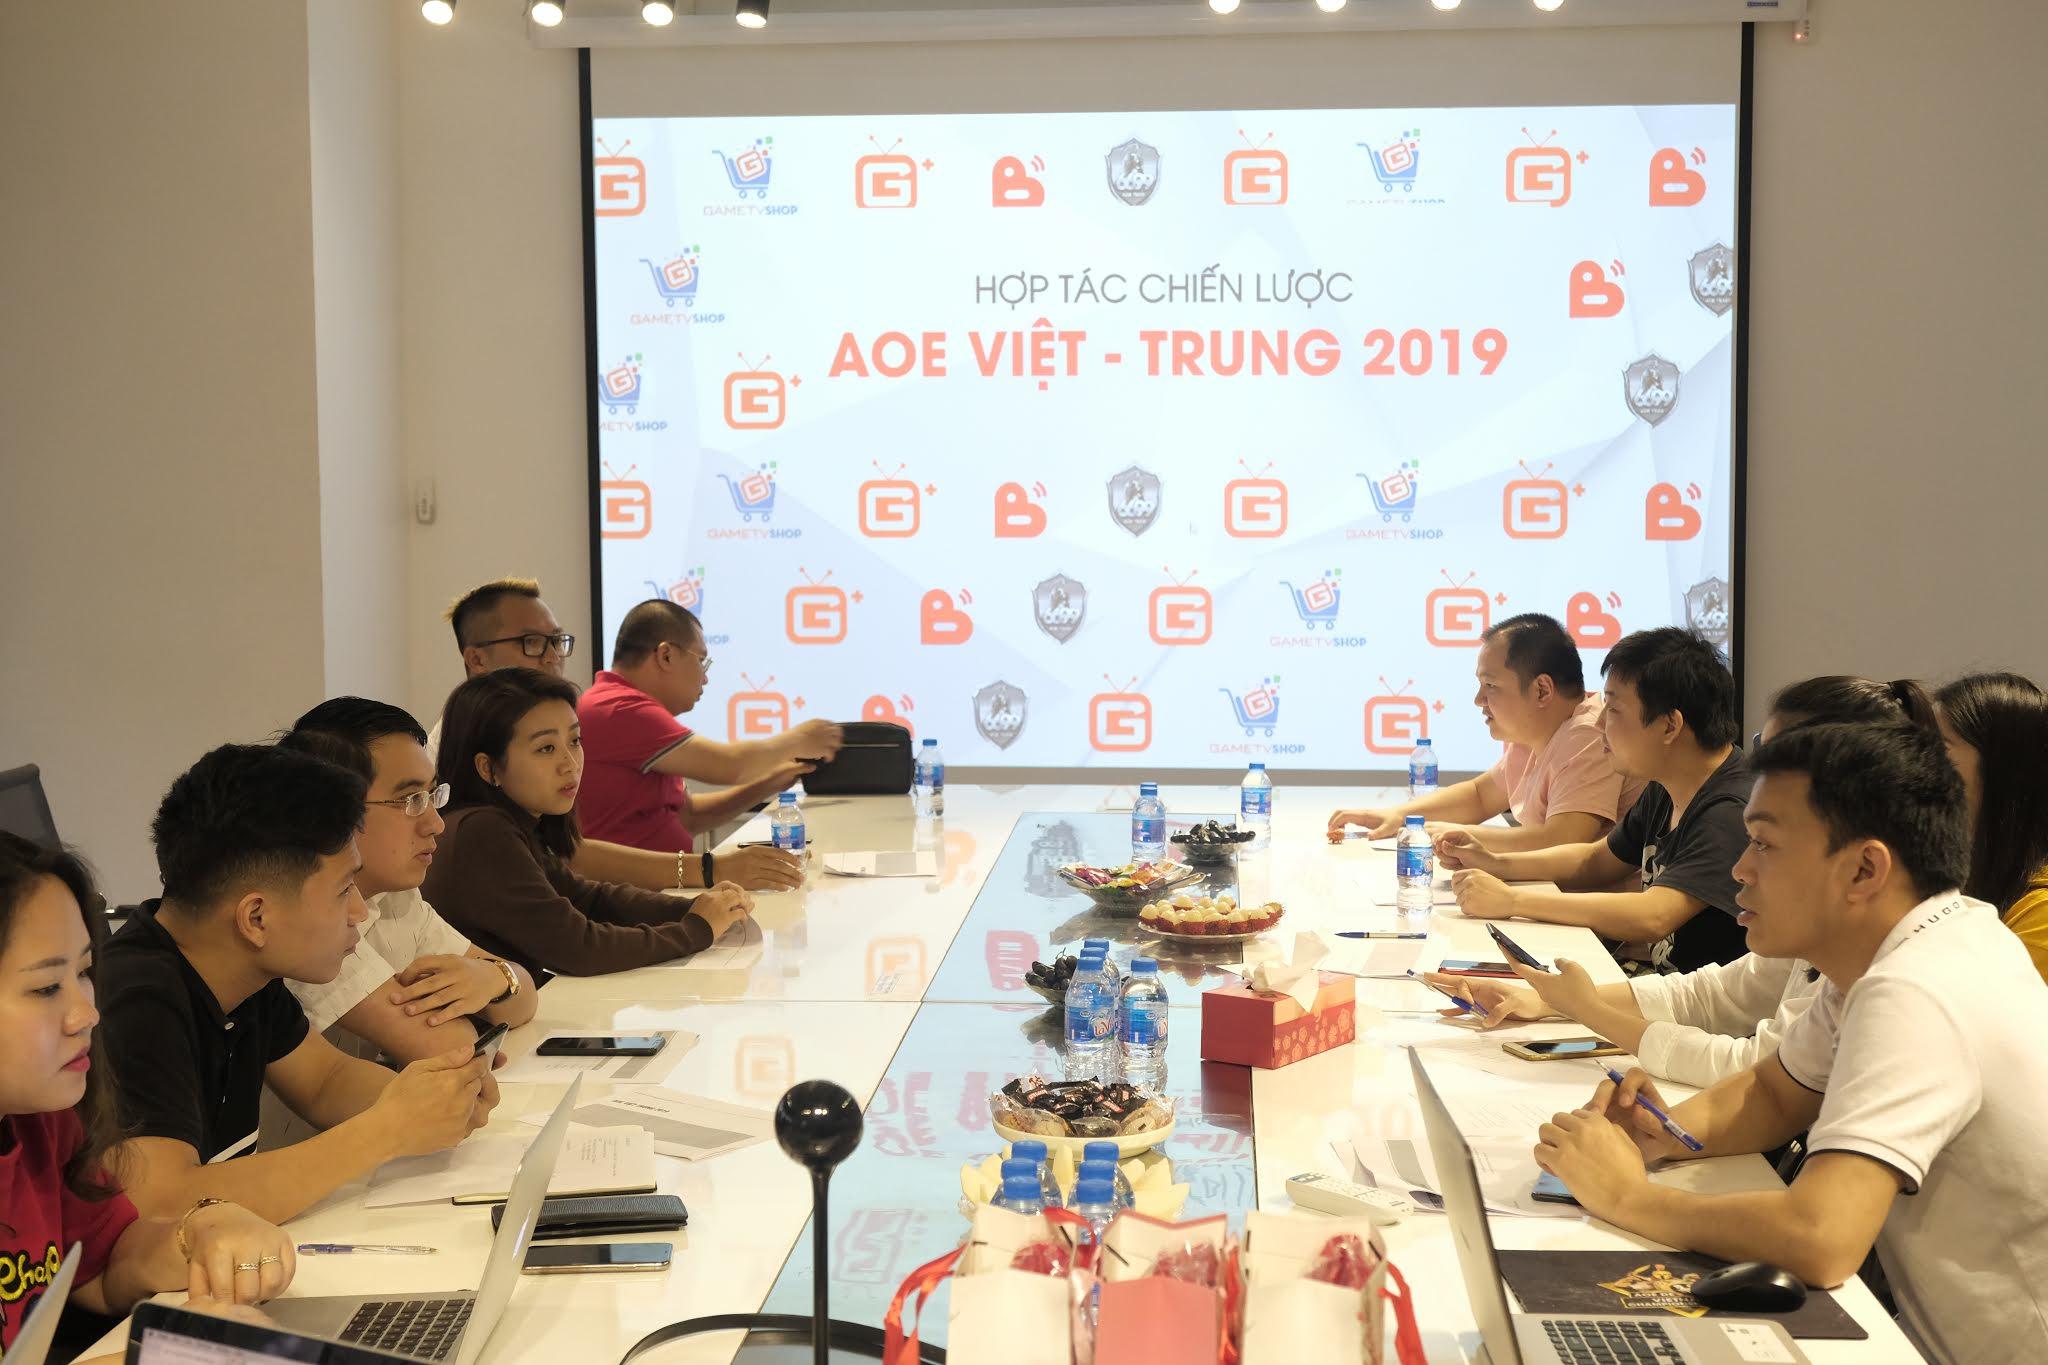 AoE Việt-Trung 2019